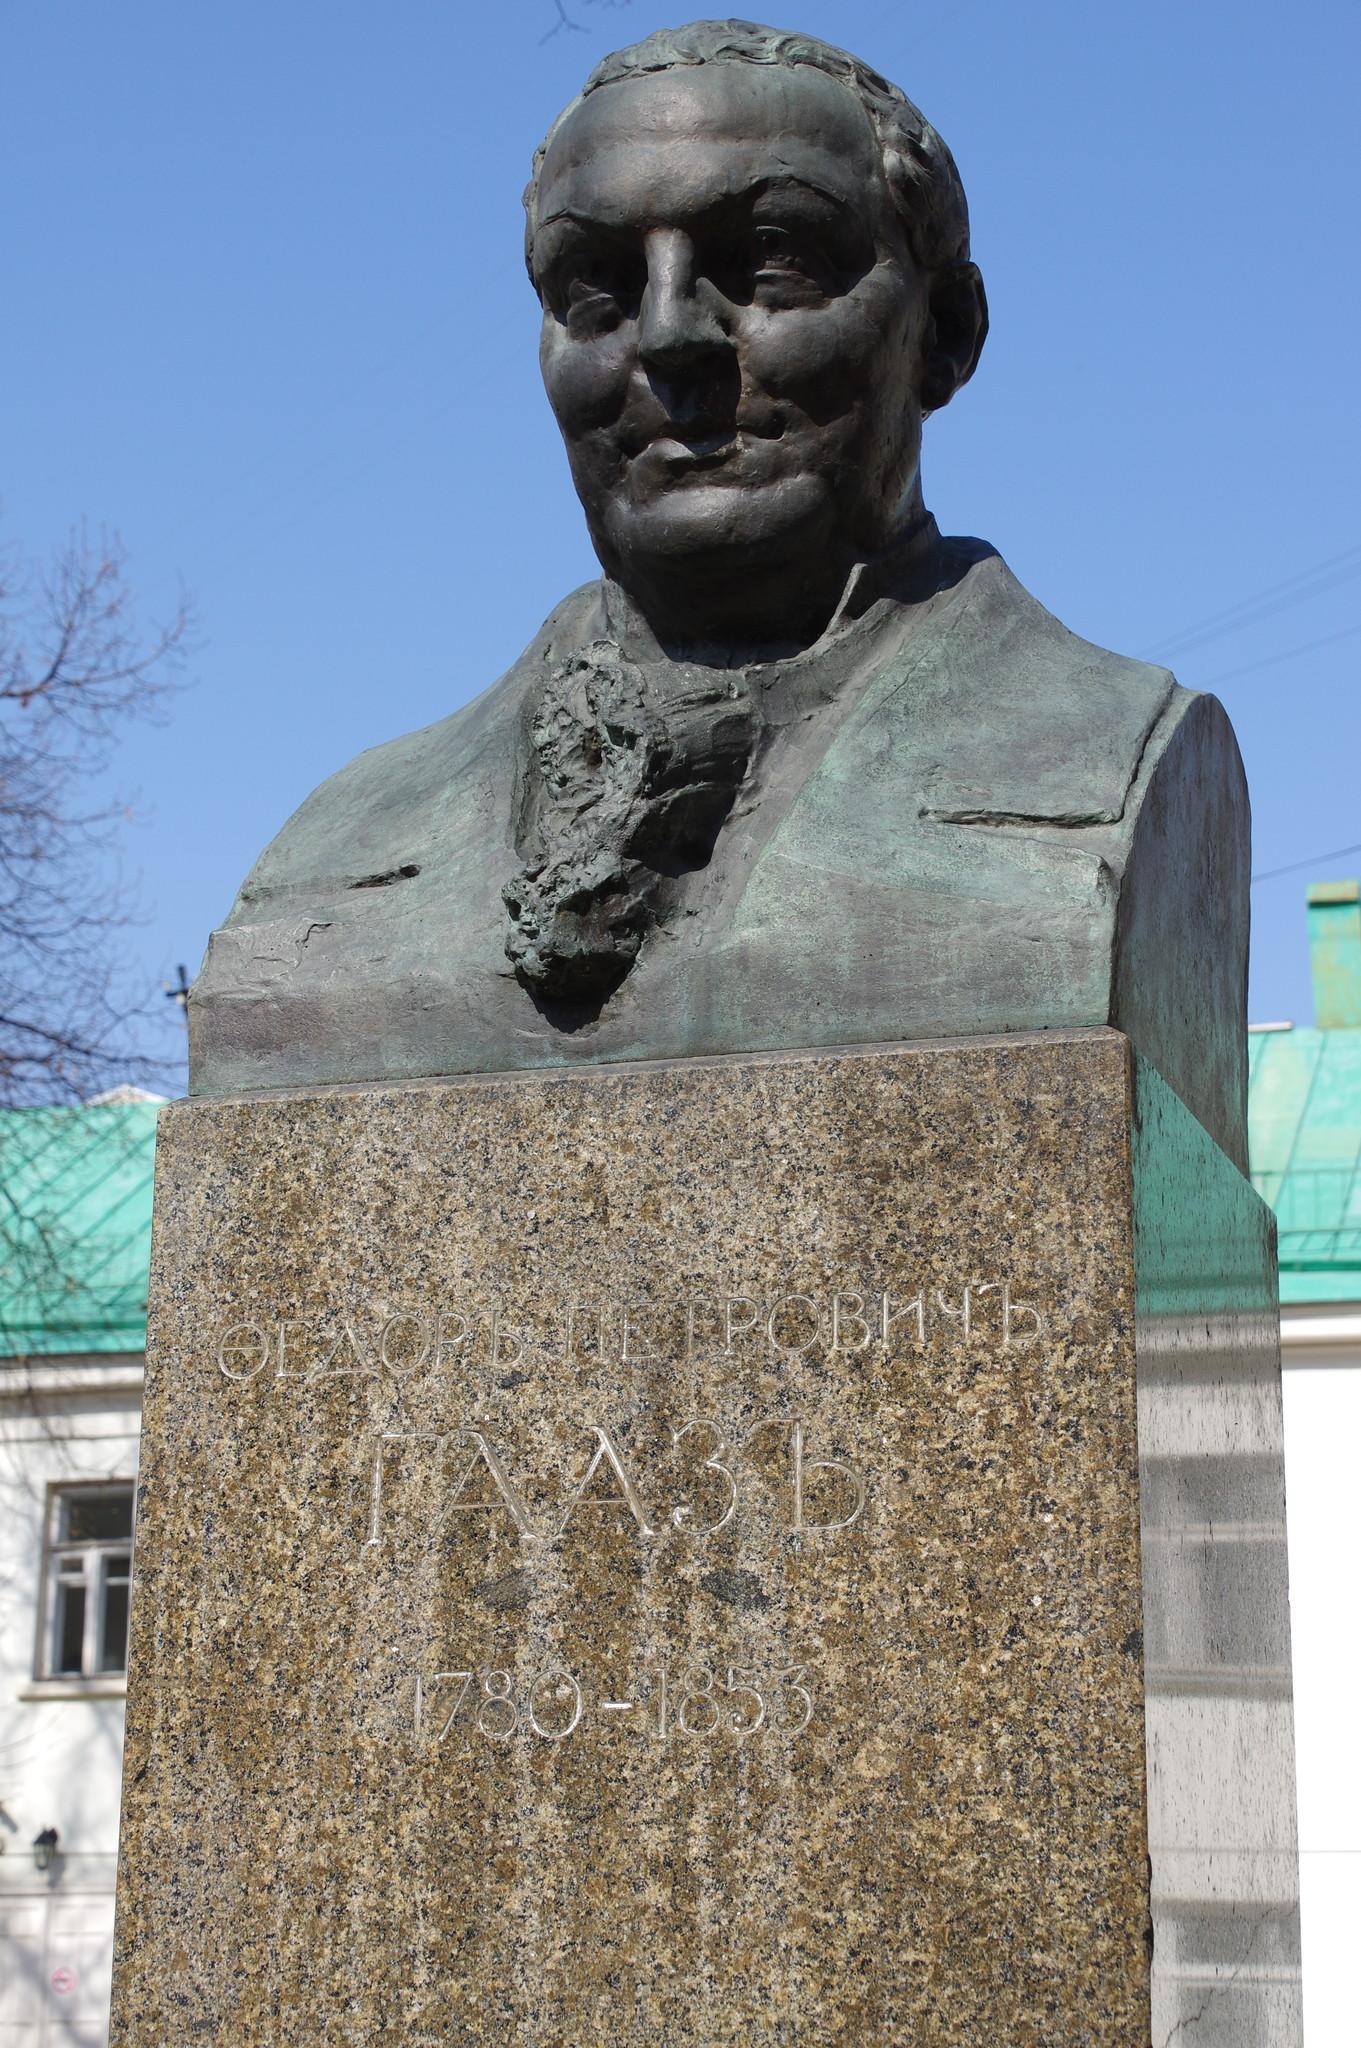 Памятник доктору Гаазу в Москве, в Малом Казённом переулке